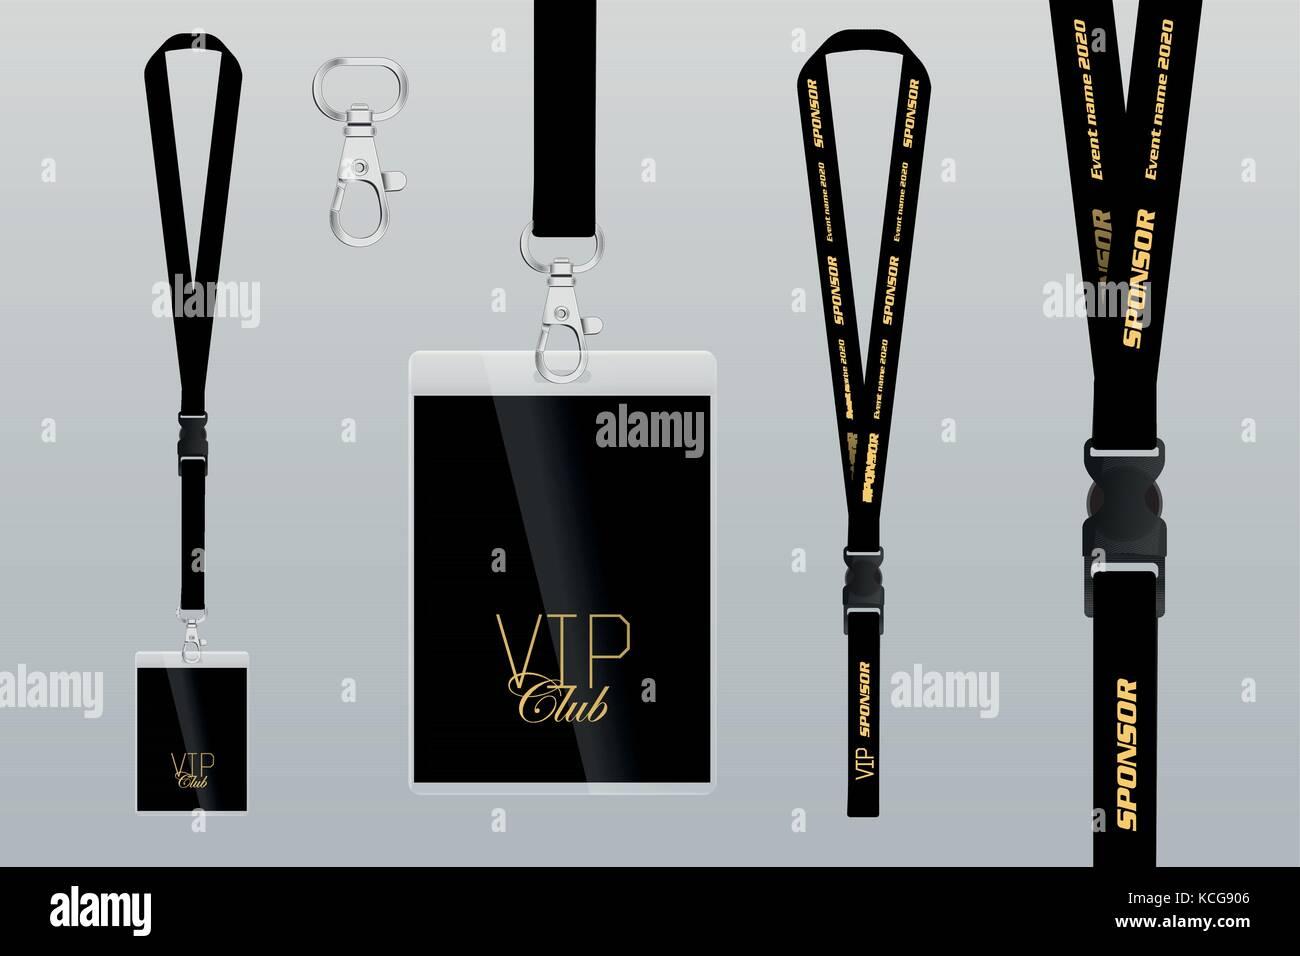 Conjunto de cordón y el monograma. Ejemplo de diseño pase VIP ...